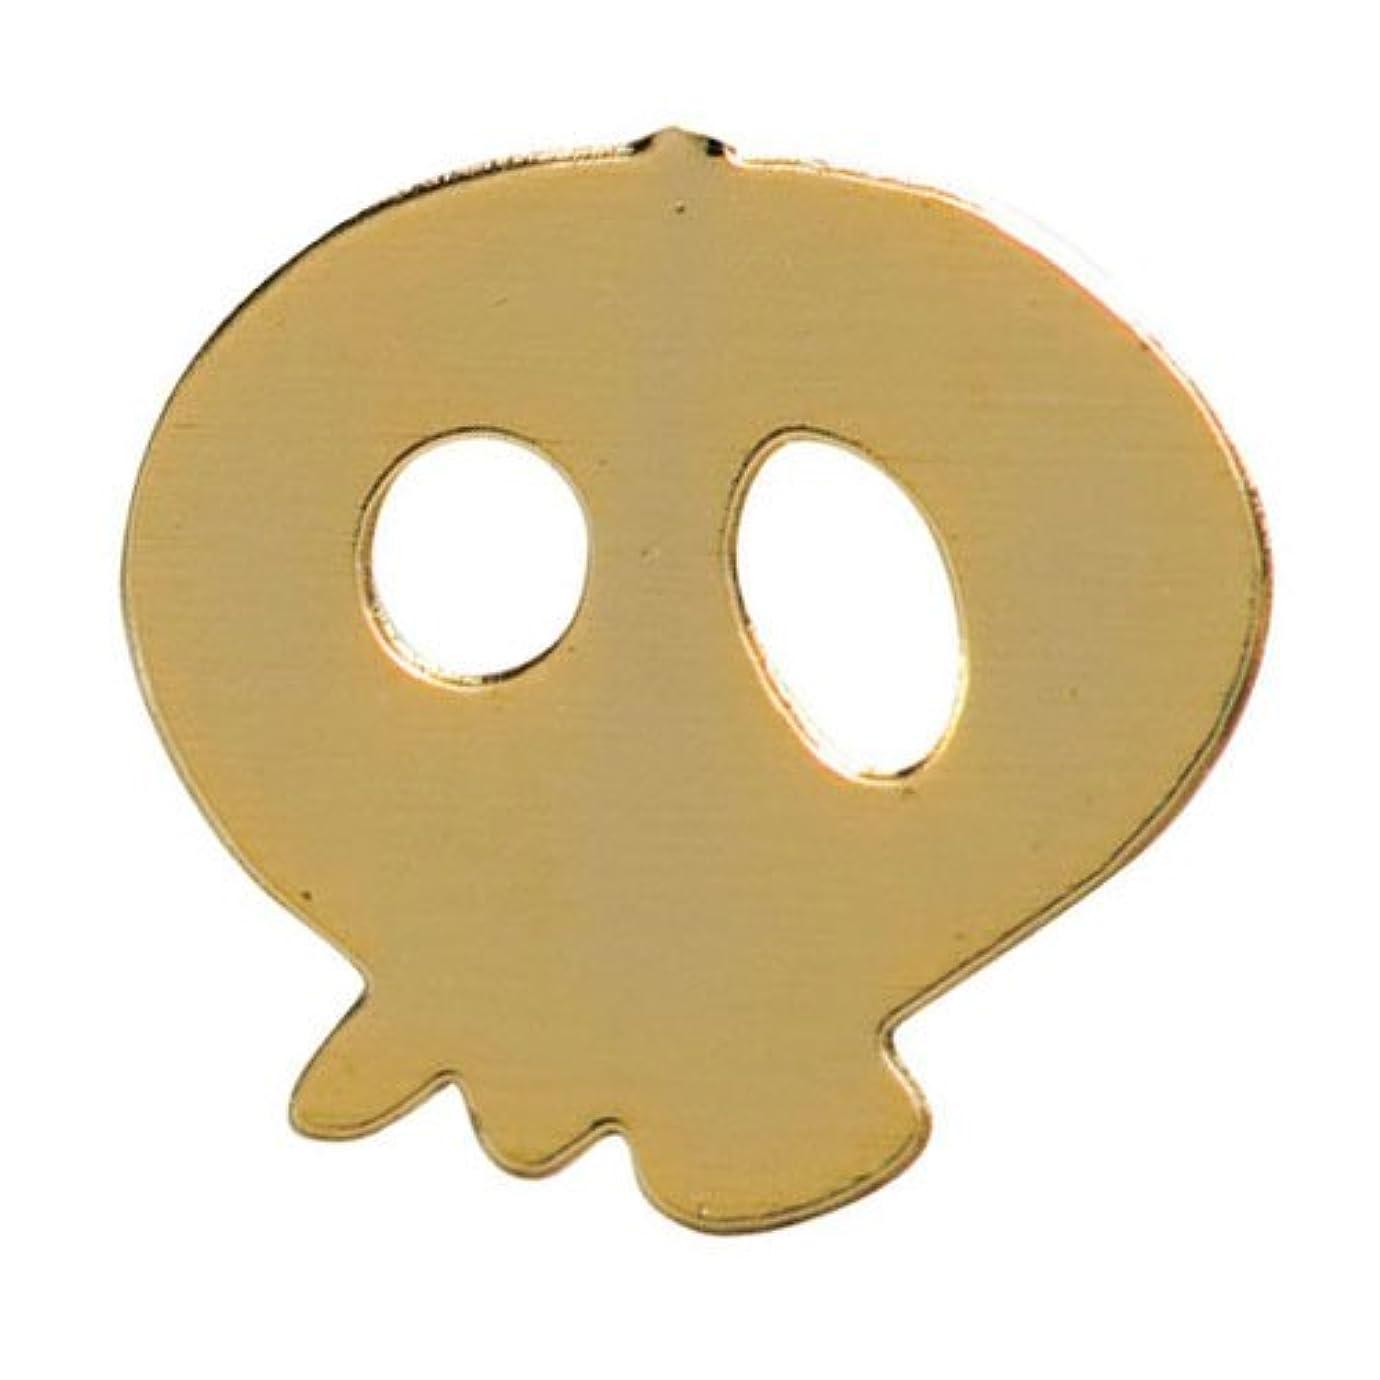 へこみエアコンミュウミュウリトルプリティー ネイルアートパーツ スカル ゴールド 10個